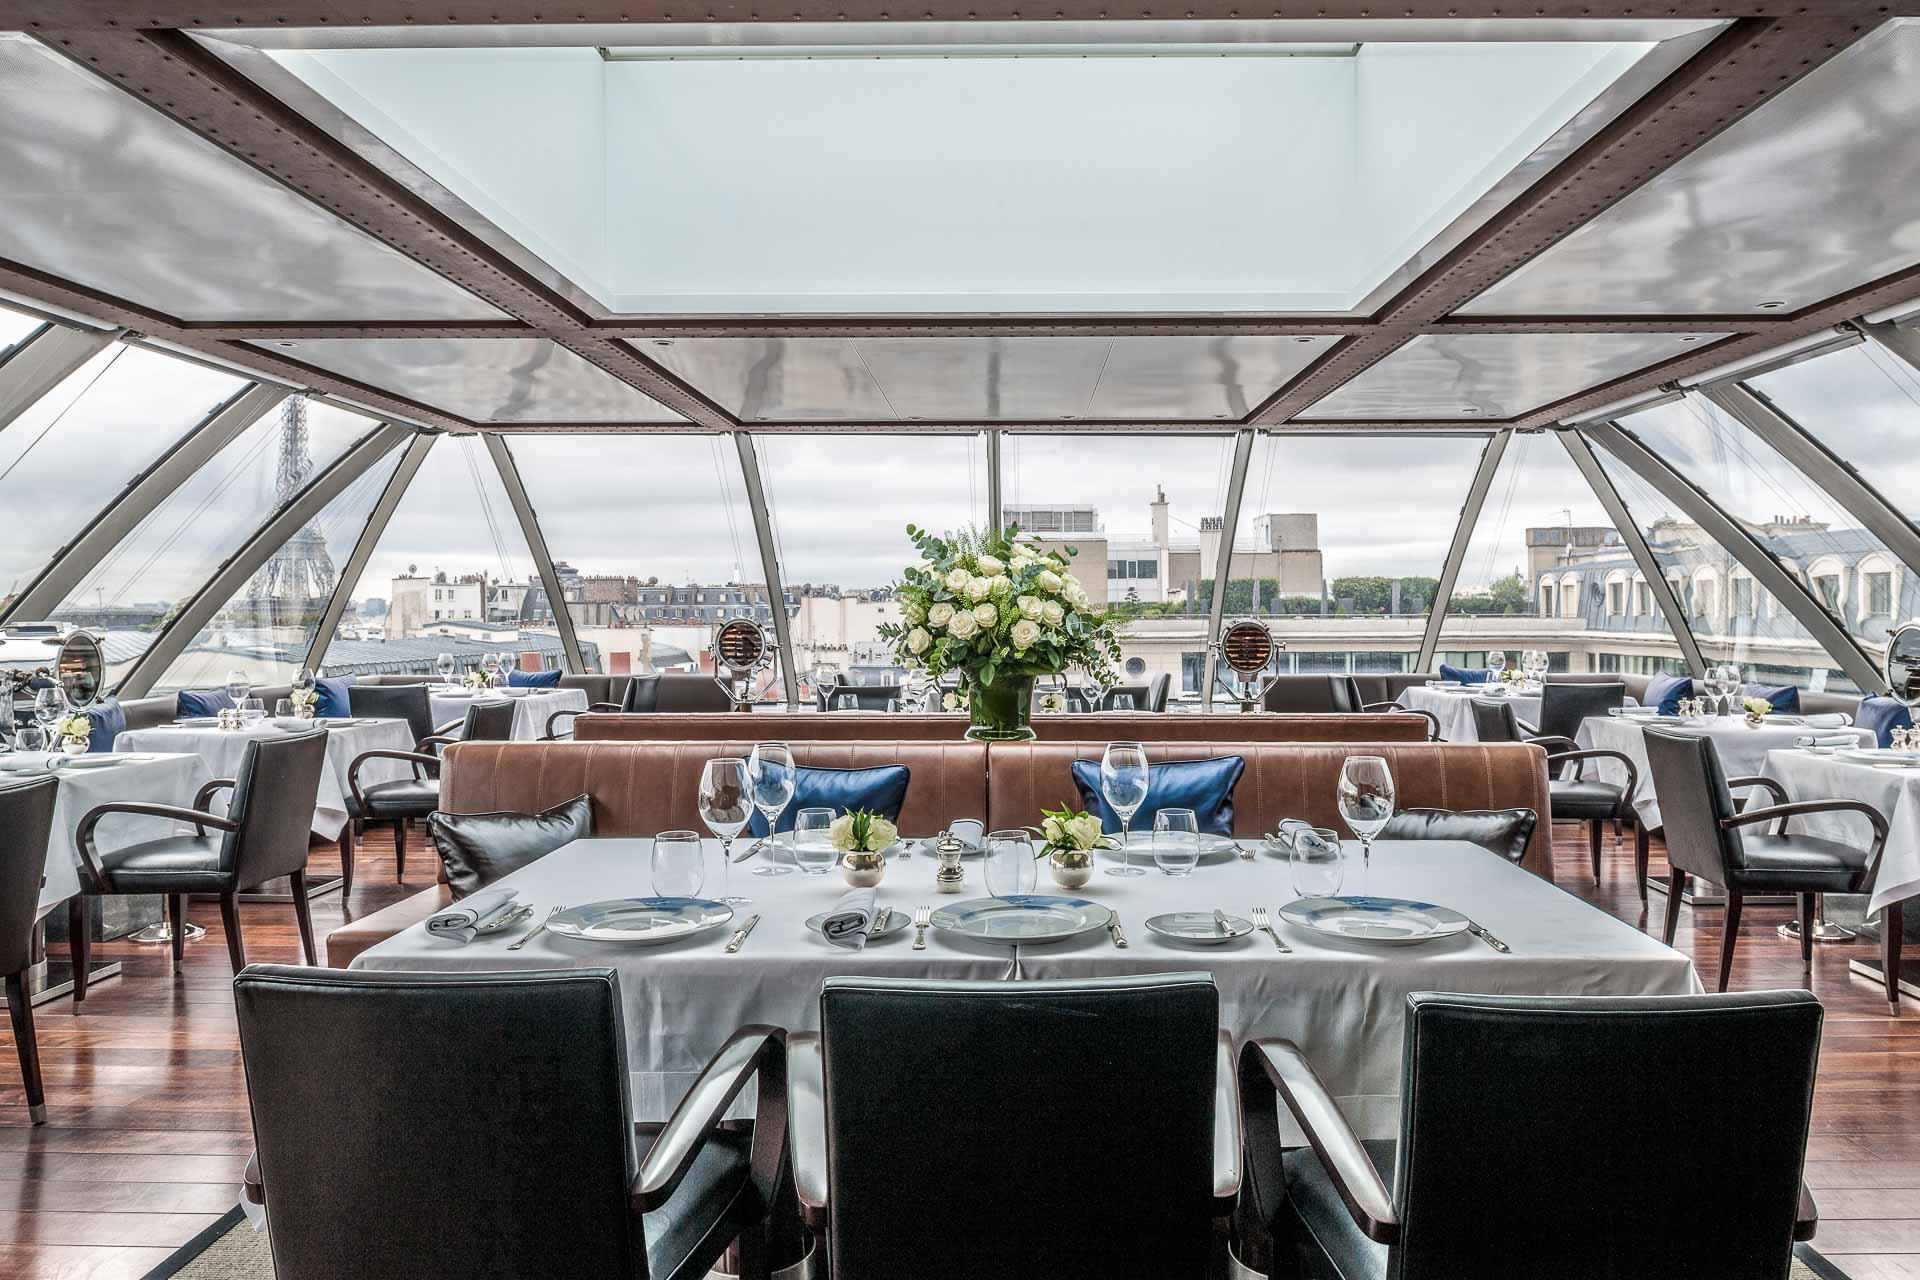 Après des débuts hésitants, L'Oiseau Blanc, le restaurant de gastronomie française du Peninsula, perché dans le ciel de Paris, décolle enfin et trouve son rythme de croisière. La table du palace hongkongais fait désormais le plein, et ce pour de bonnes raisons. Découverte.